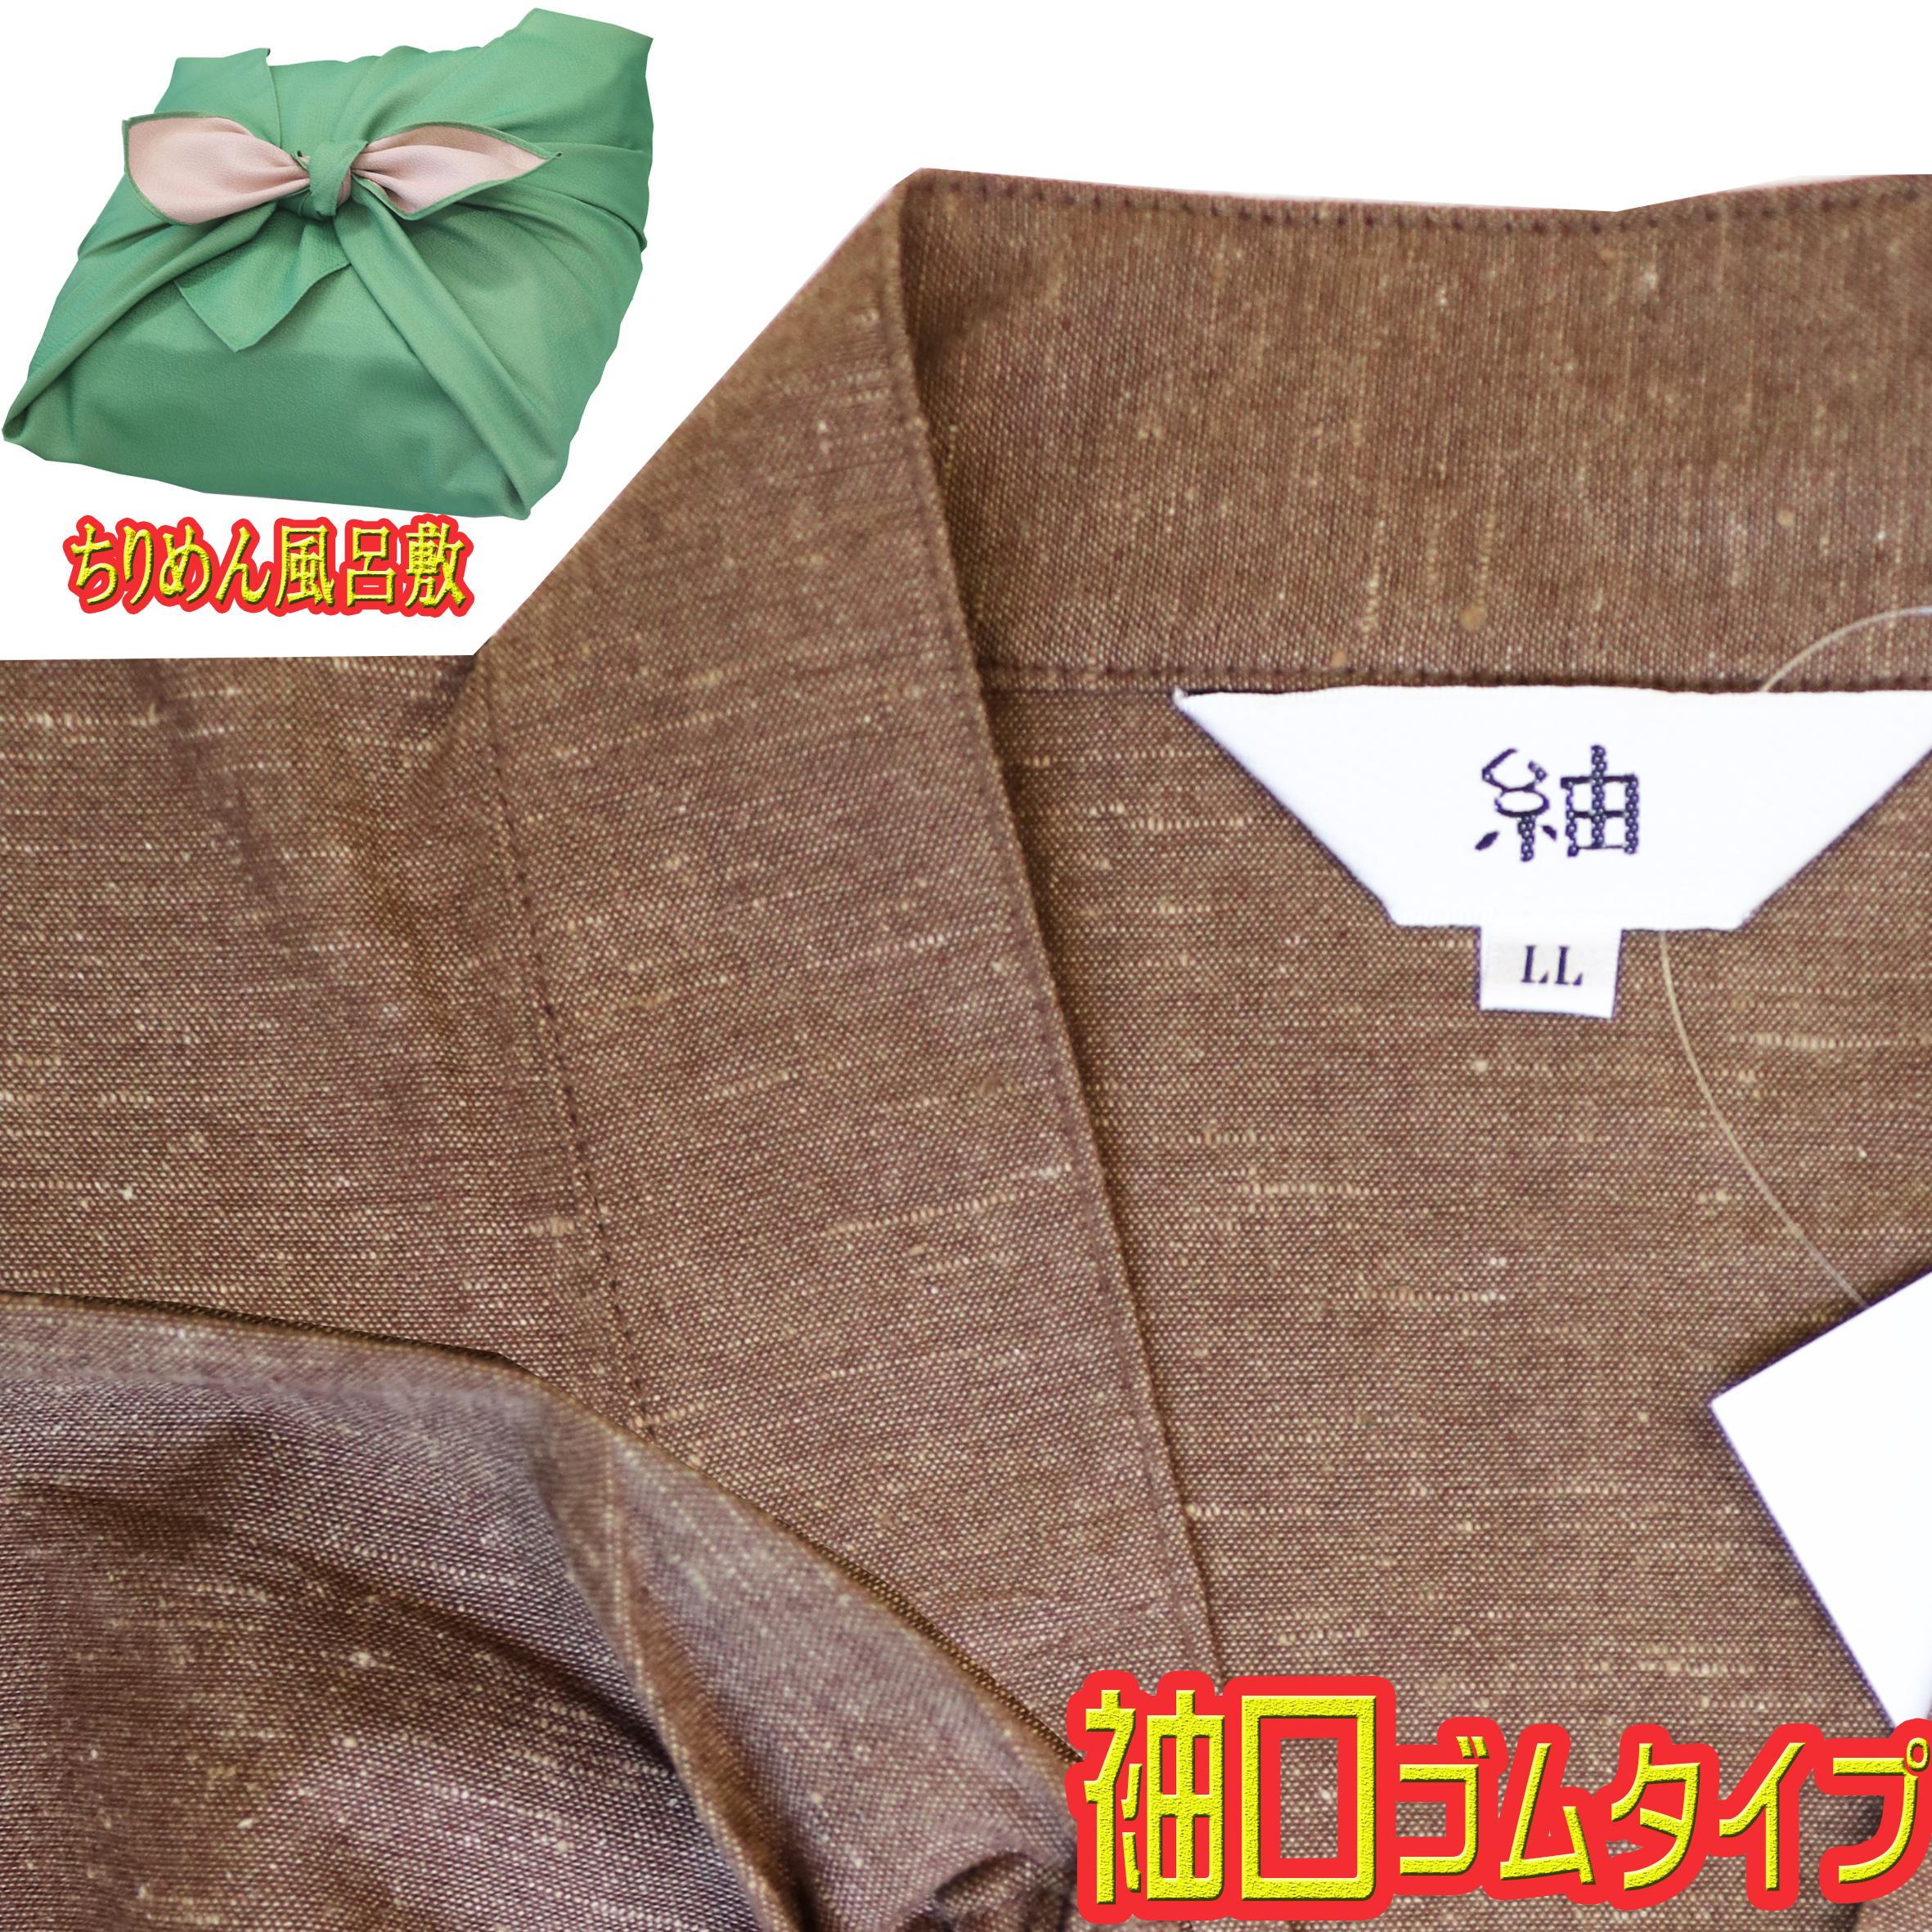 メンズ 本紬織の作務衣